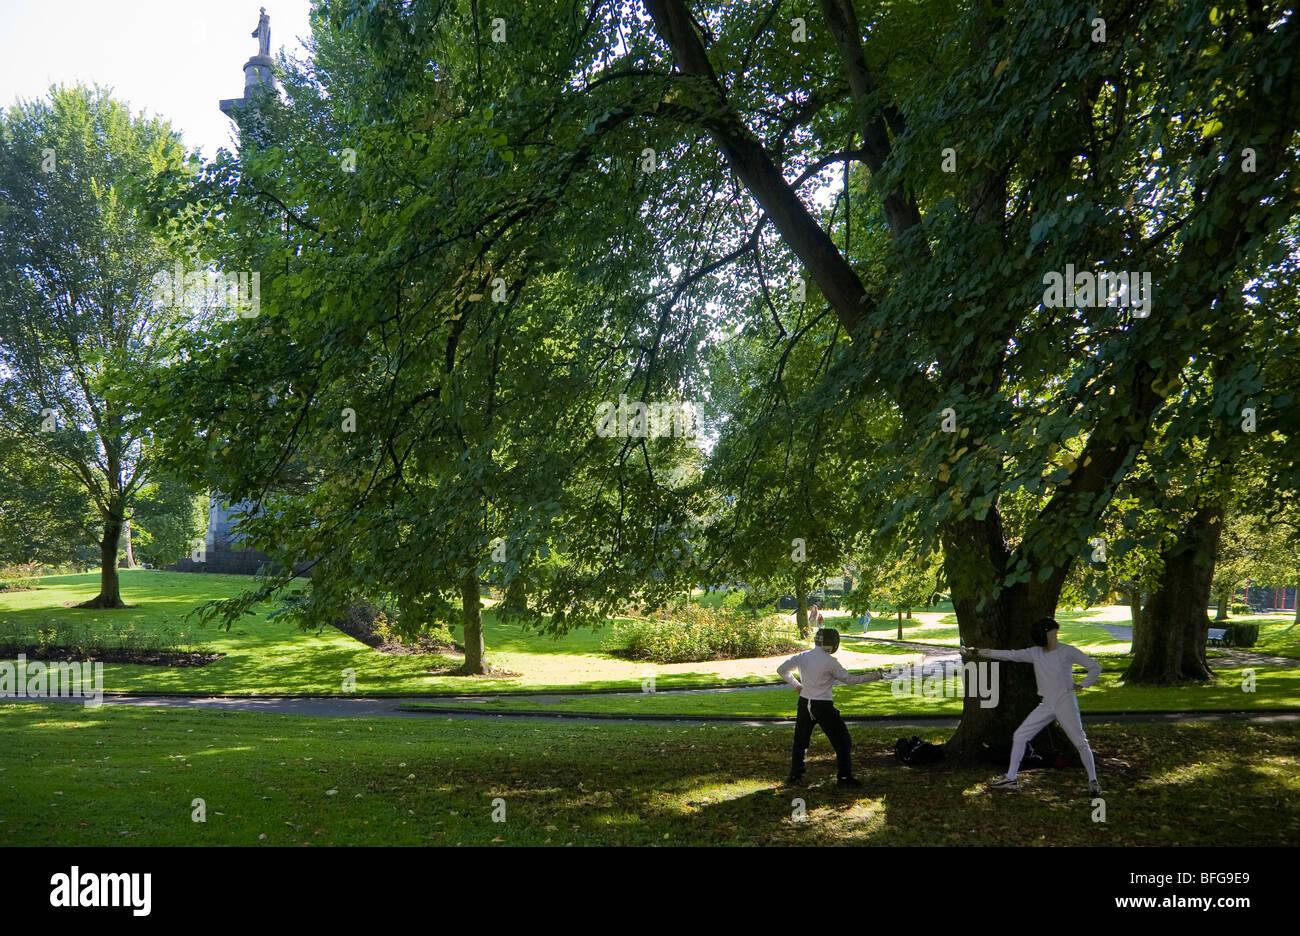 La pratica di scherma nel parco della gente, città di Limerick, Irlanda Immagini Stock